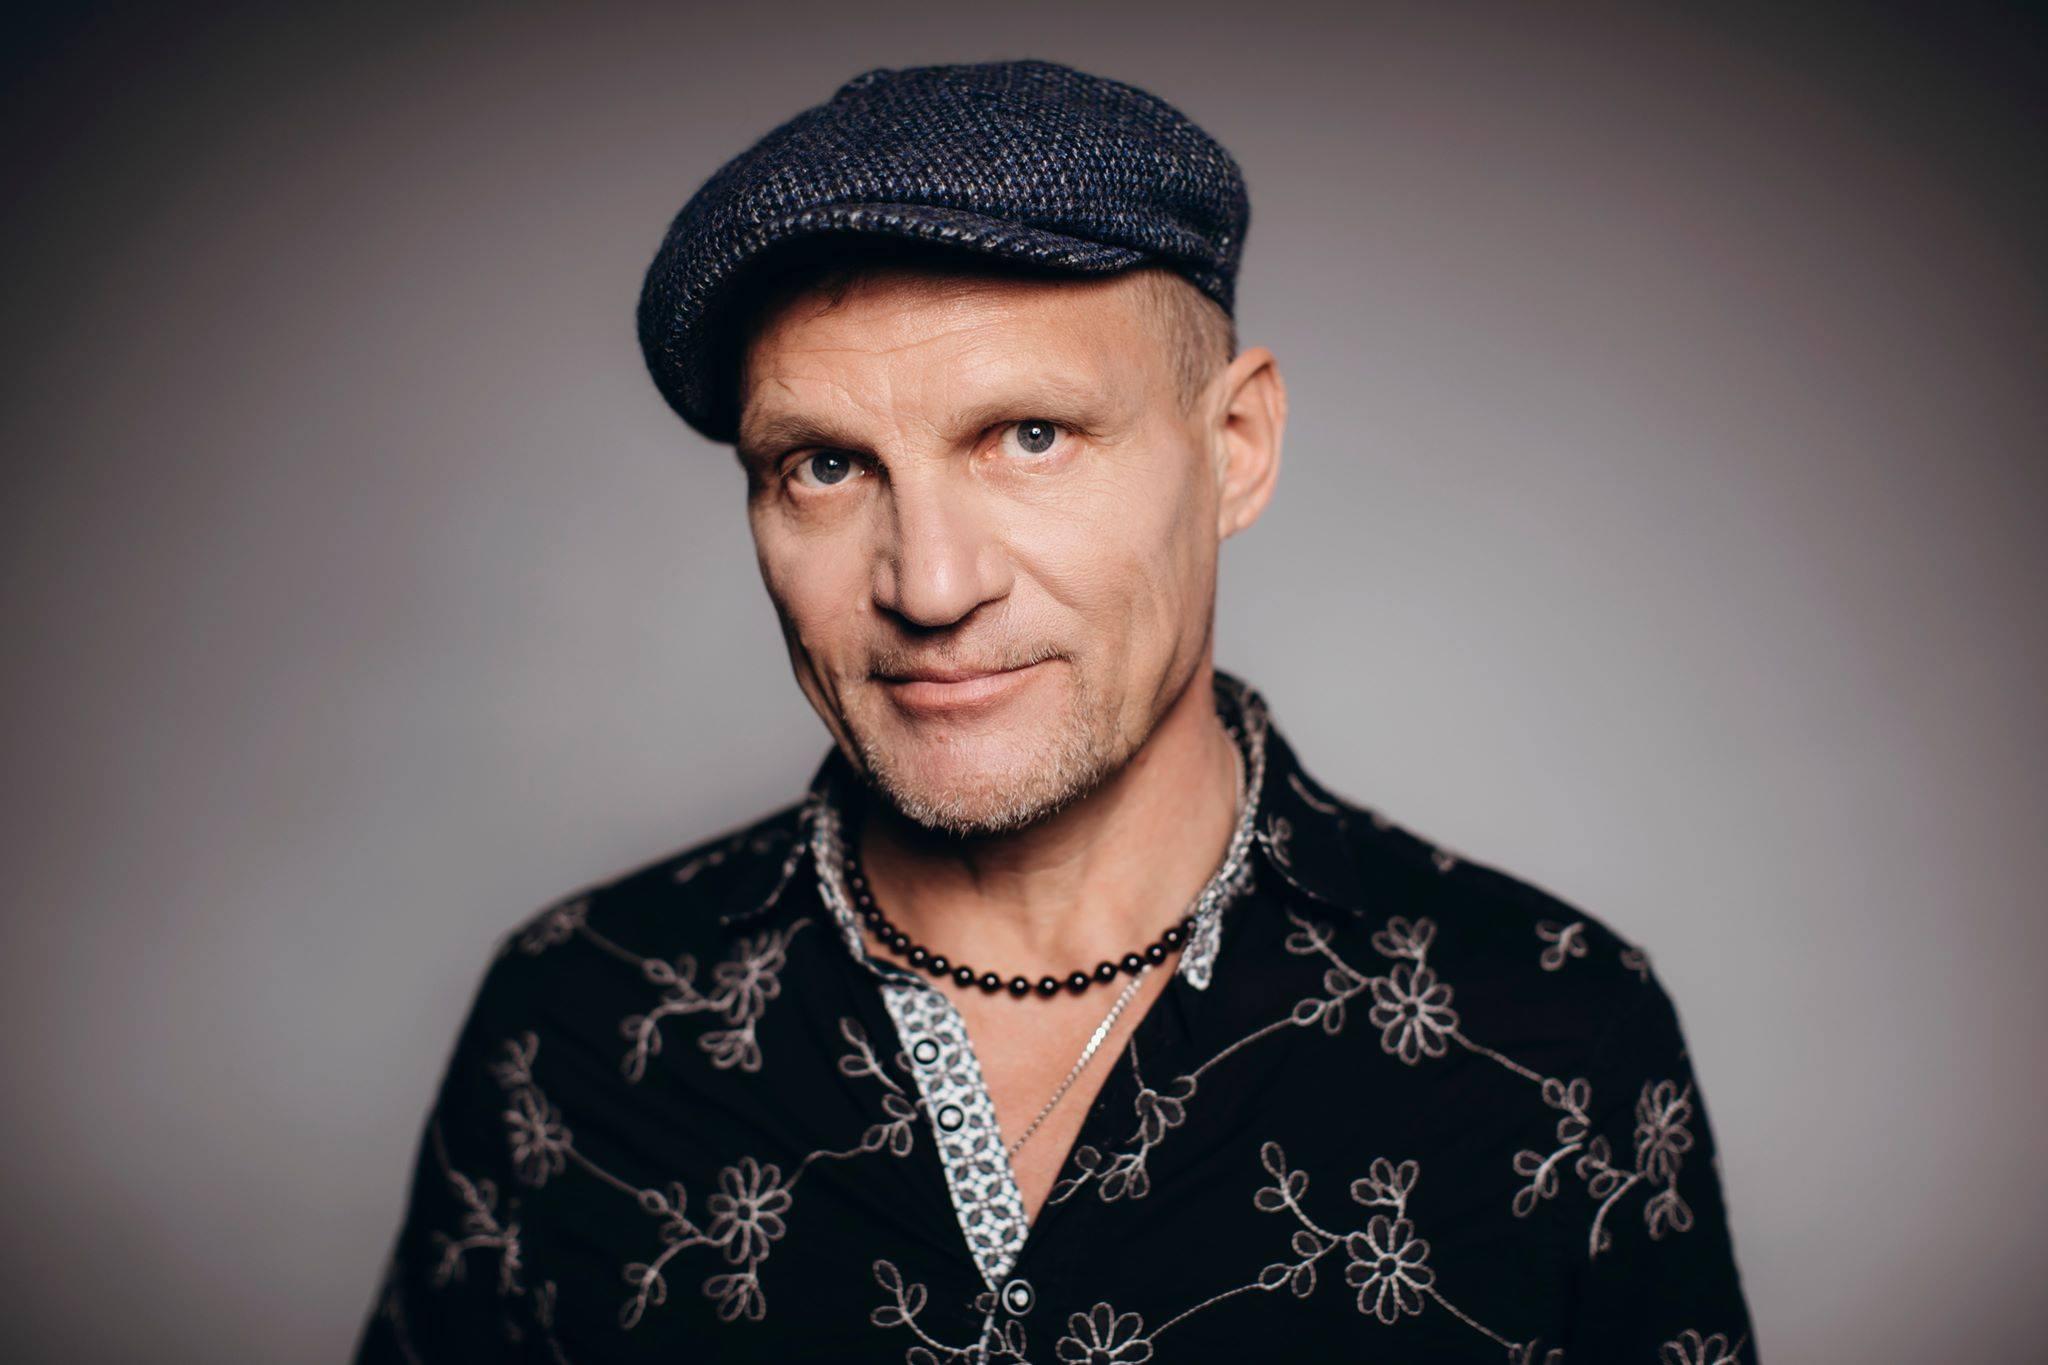 Героєм нового випуску «Сніданку після Сніданку» стане фронтмен гурту «Воплі Відоплясова» Олег Скрипка